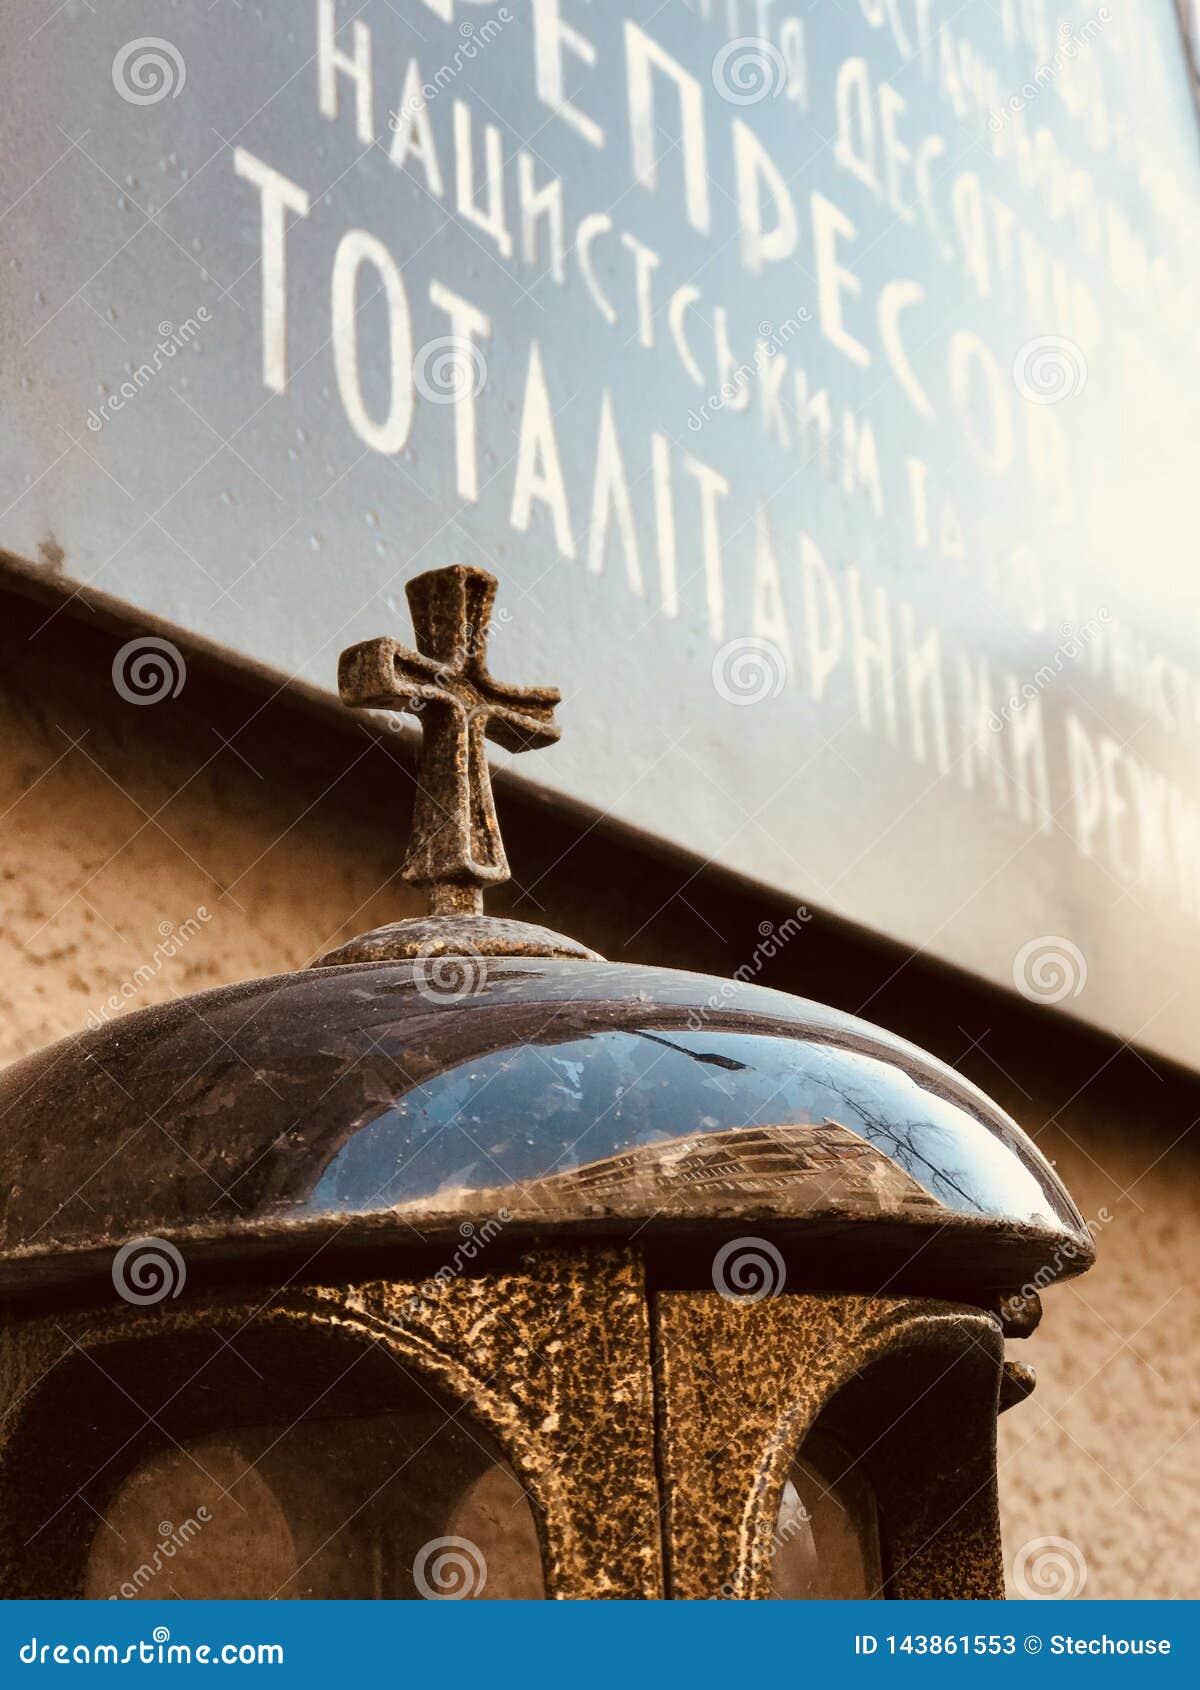 Une croix se rappelle les victimes des régimes totalitaires en Ukraine - à KIEV ou à KIEV